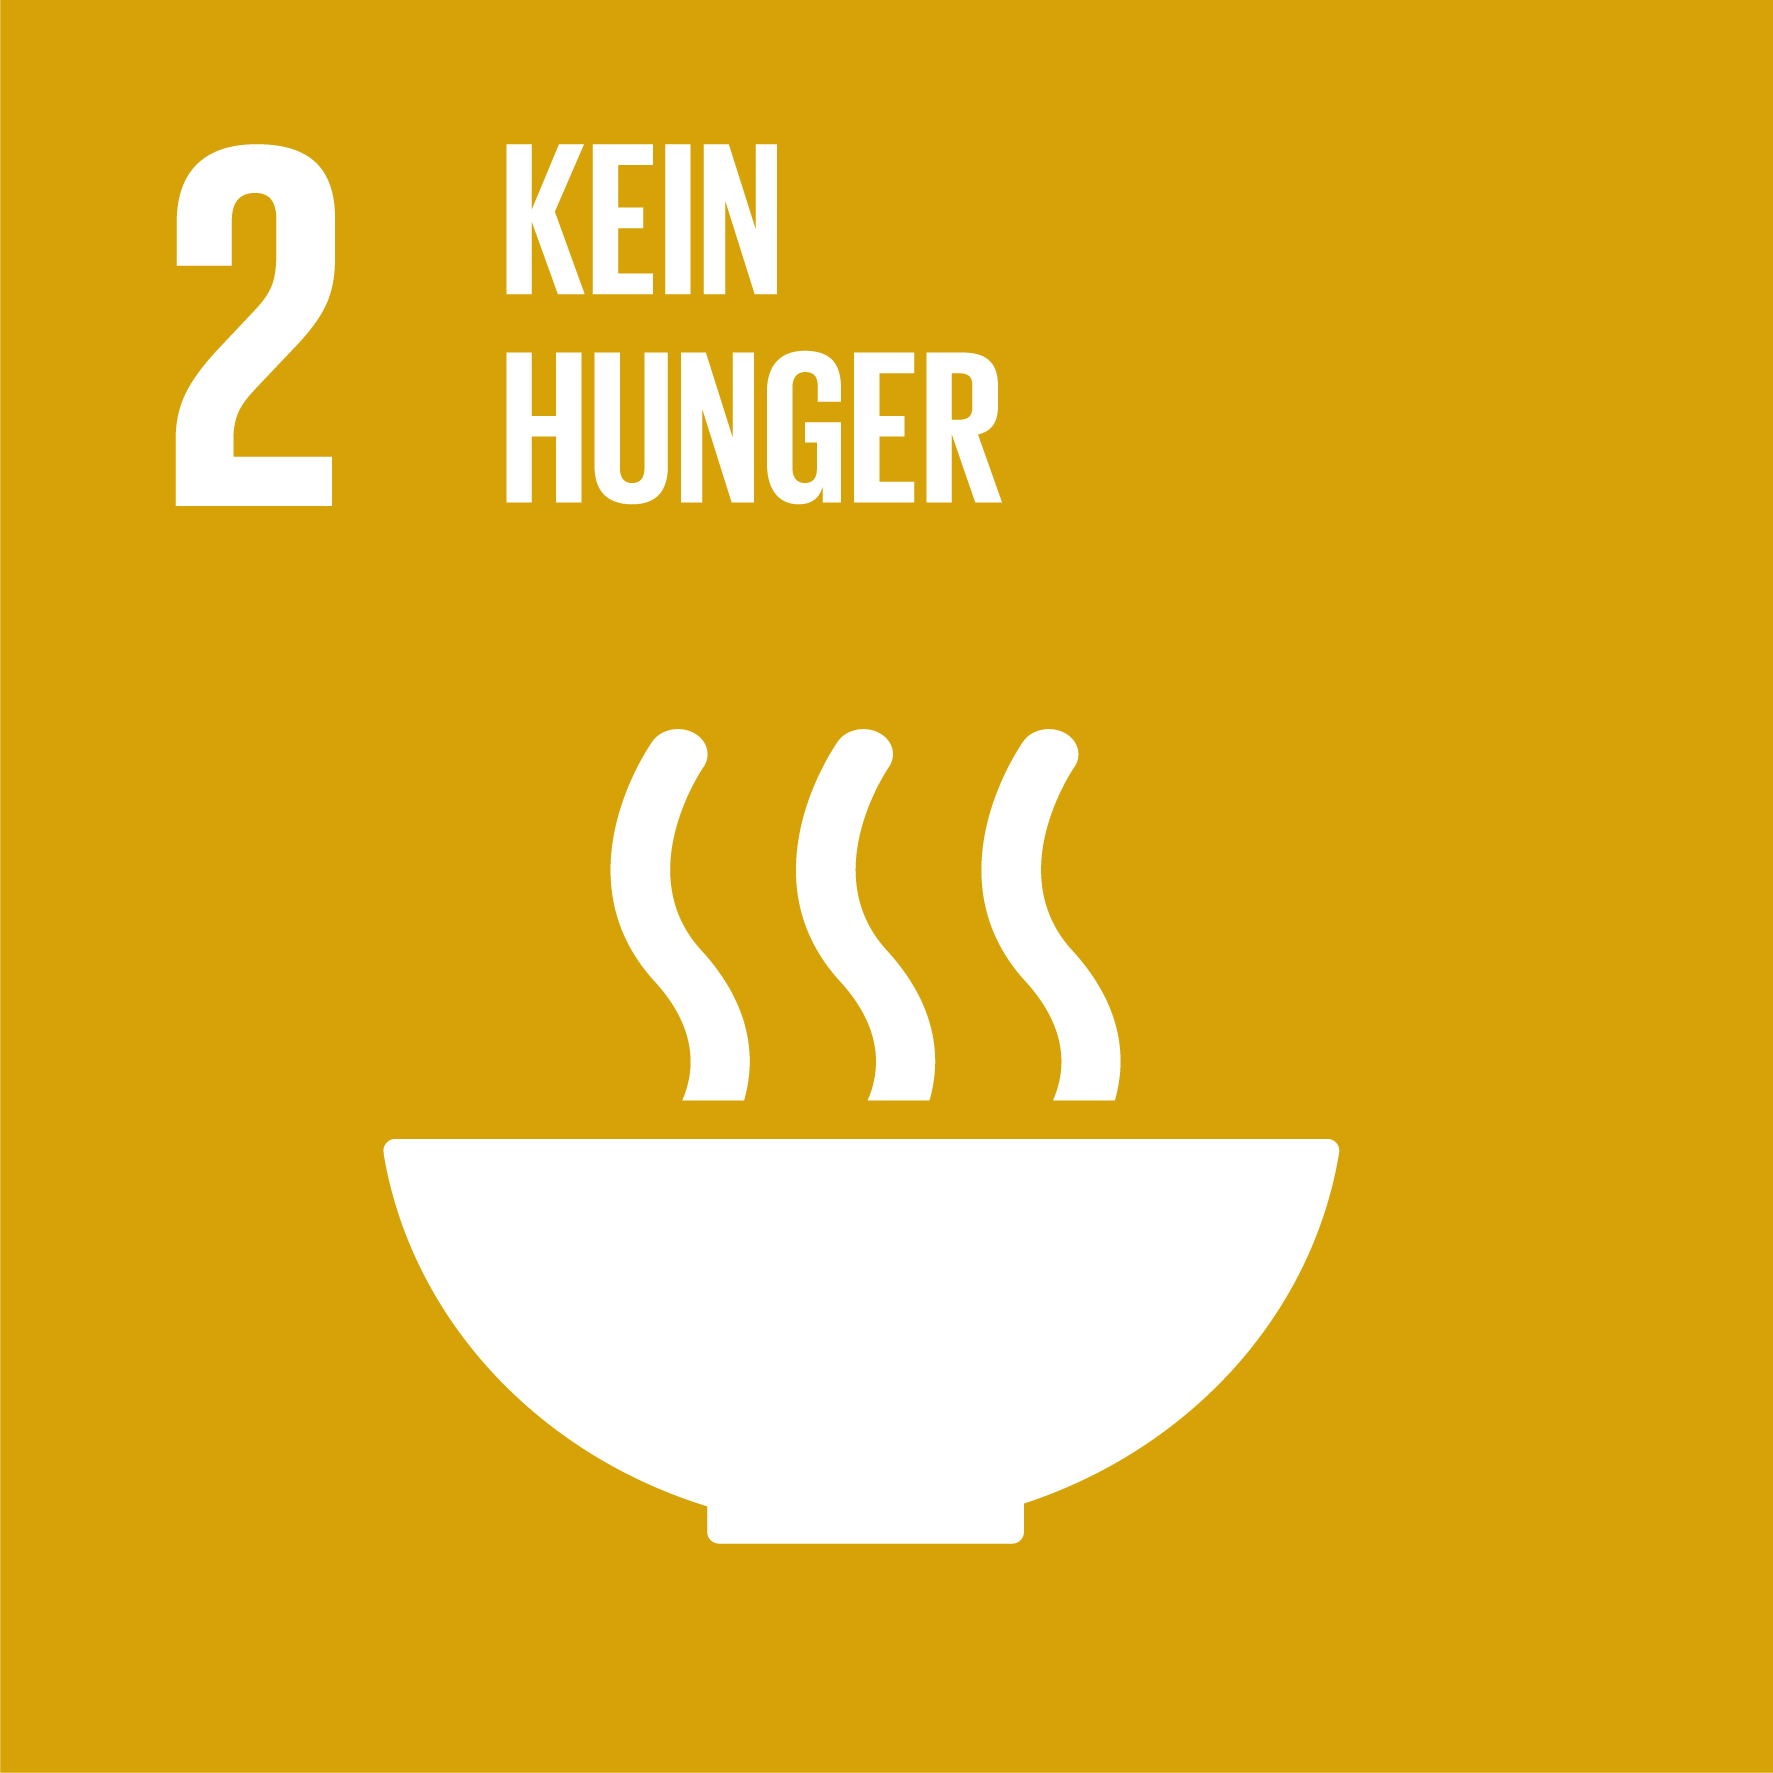 Icon Ziel 2: Kein Hunger